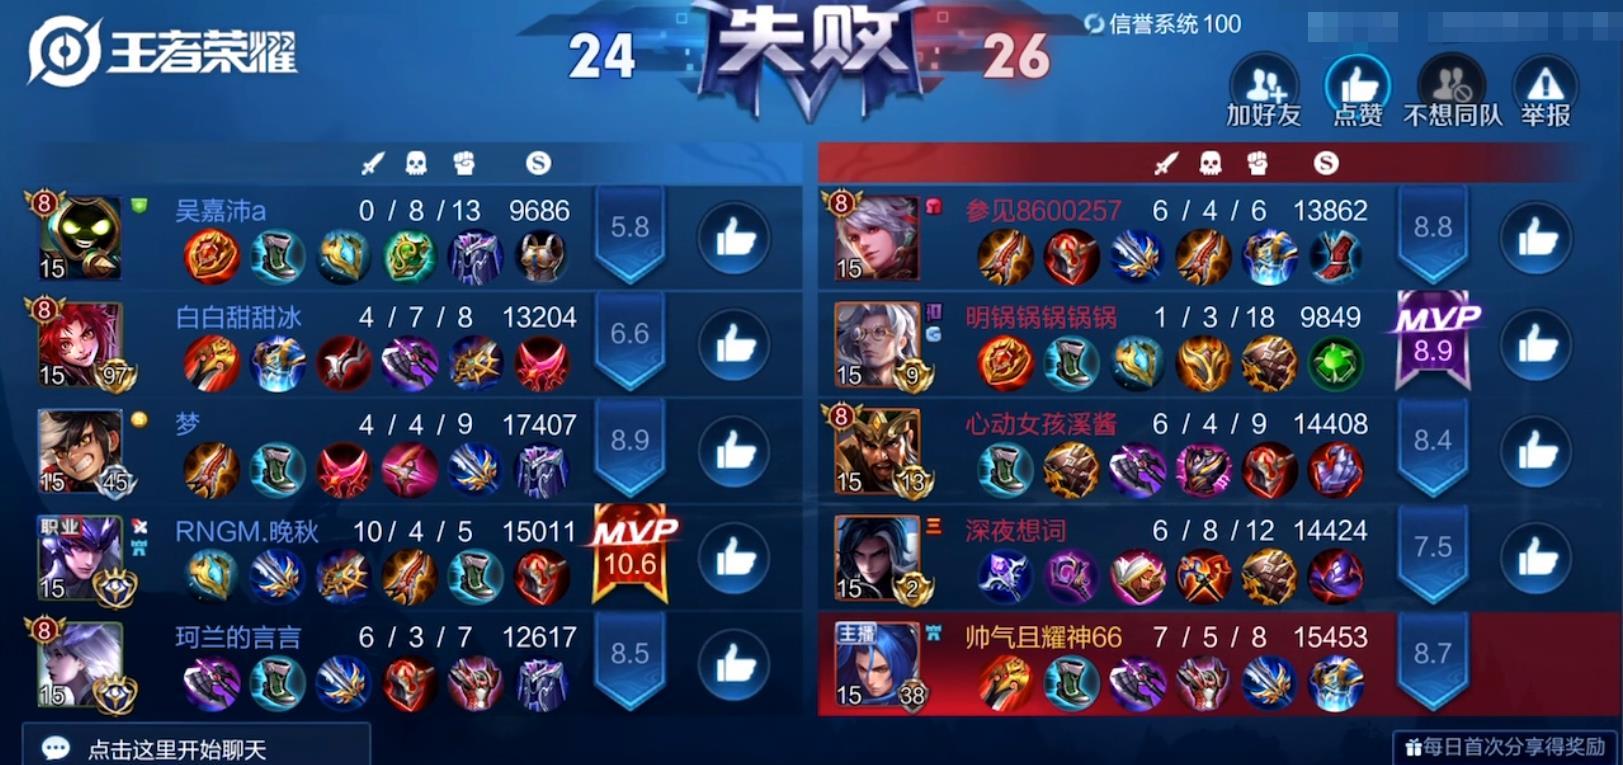 《【煜星平台app登录】耀神玩过最刺激的一局游戏,双方互相偷家,结束后发现敌方两国服》